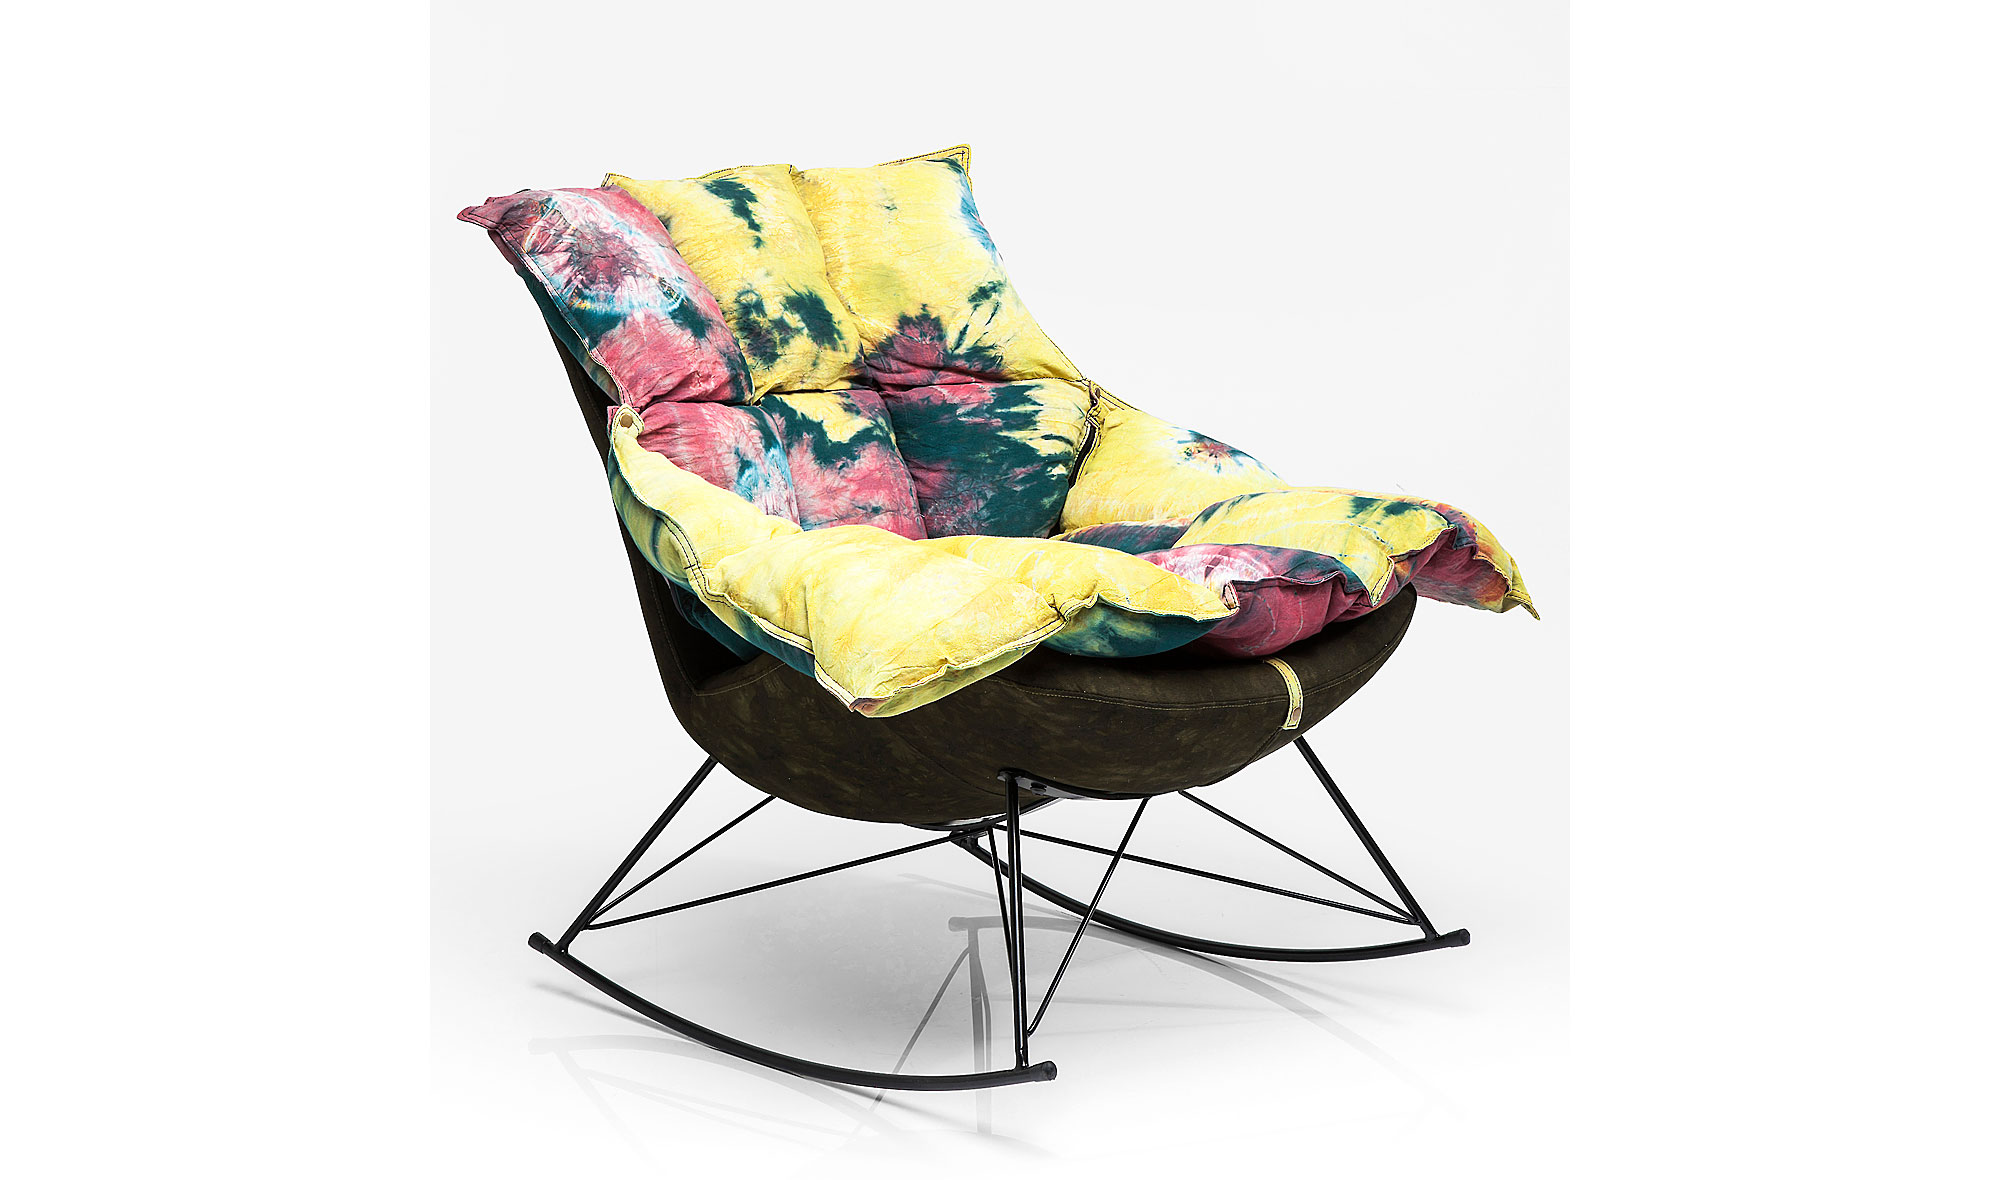 Mecedora Vintage Batik No Disponible En Portobellostreet Es # Muebles Mecedoras